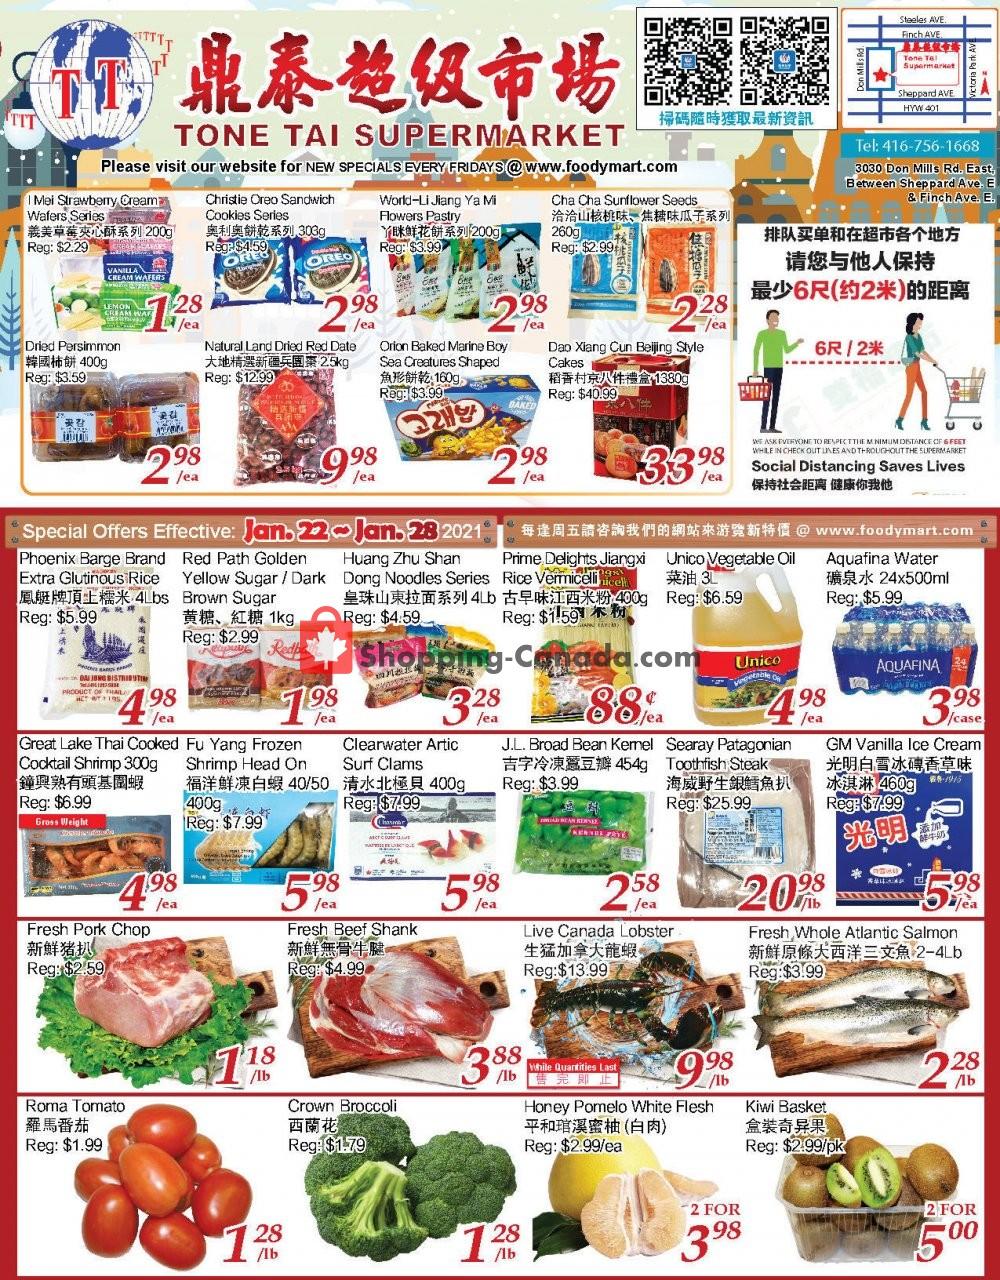 Flyer Tone Tai Supermarket Canada - from Friday January 22, 2021 to Thursday January 28, 2021